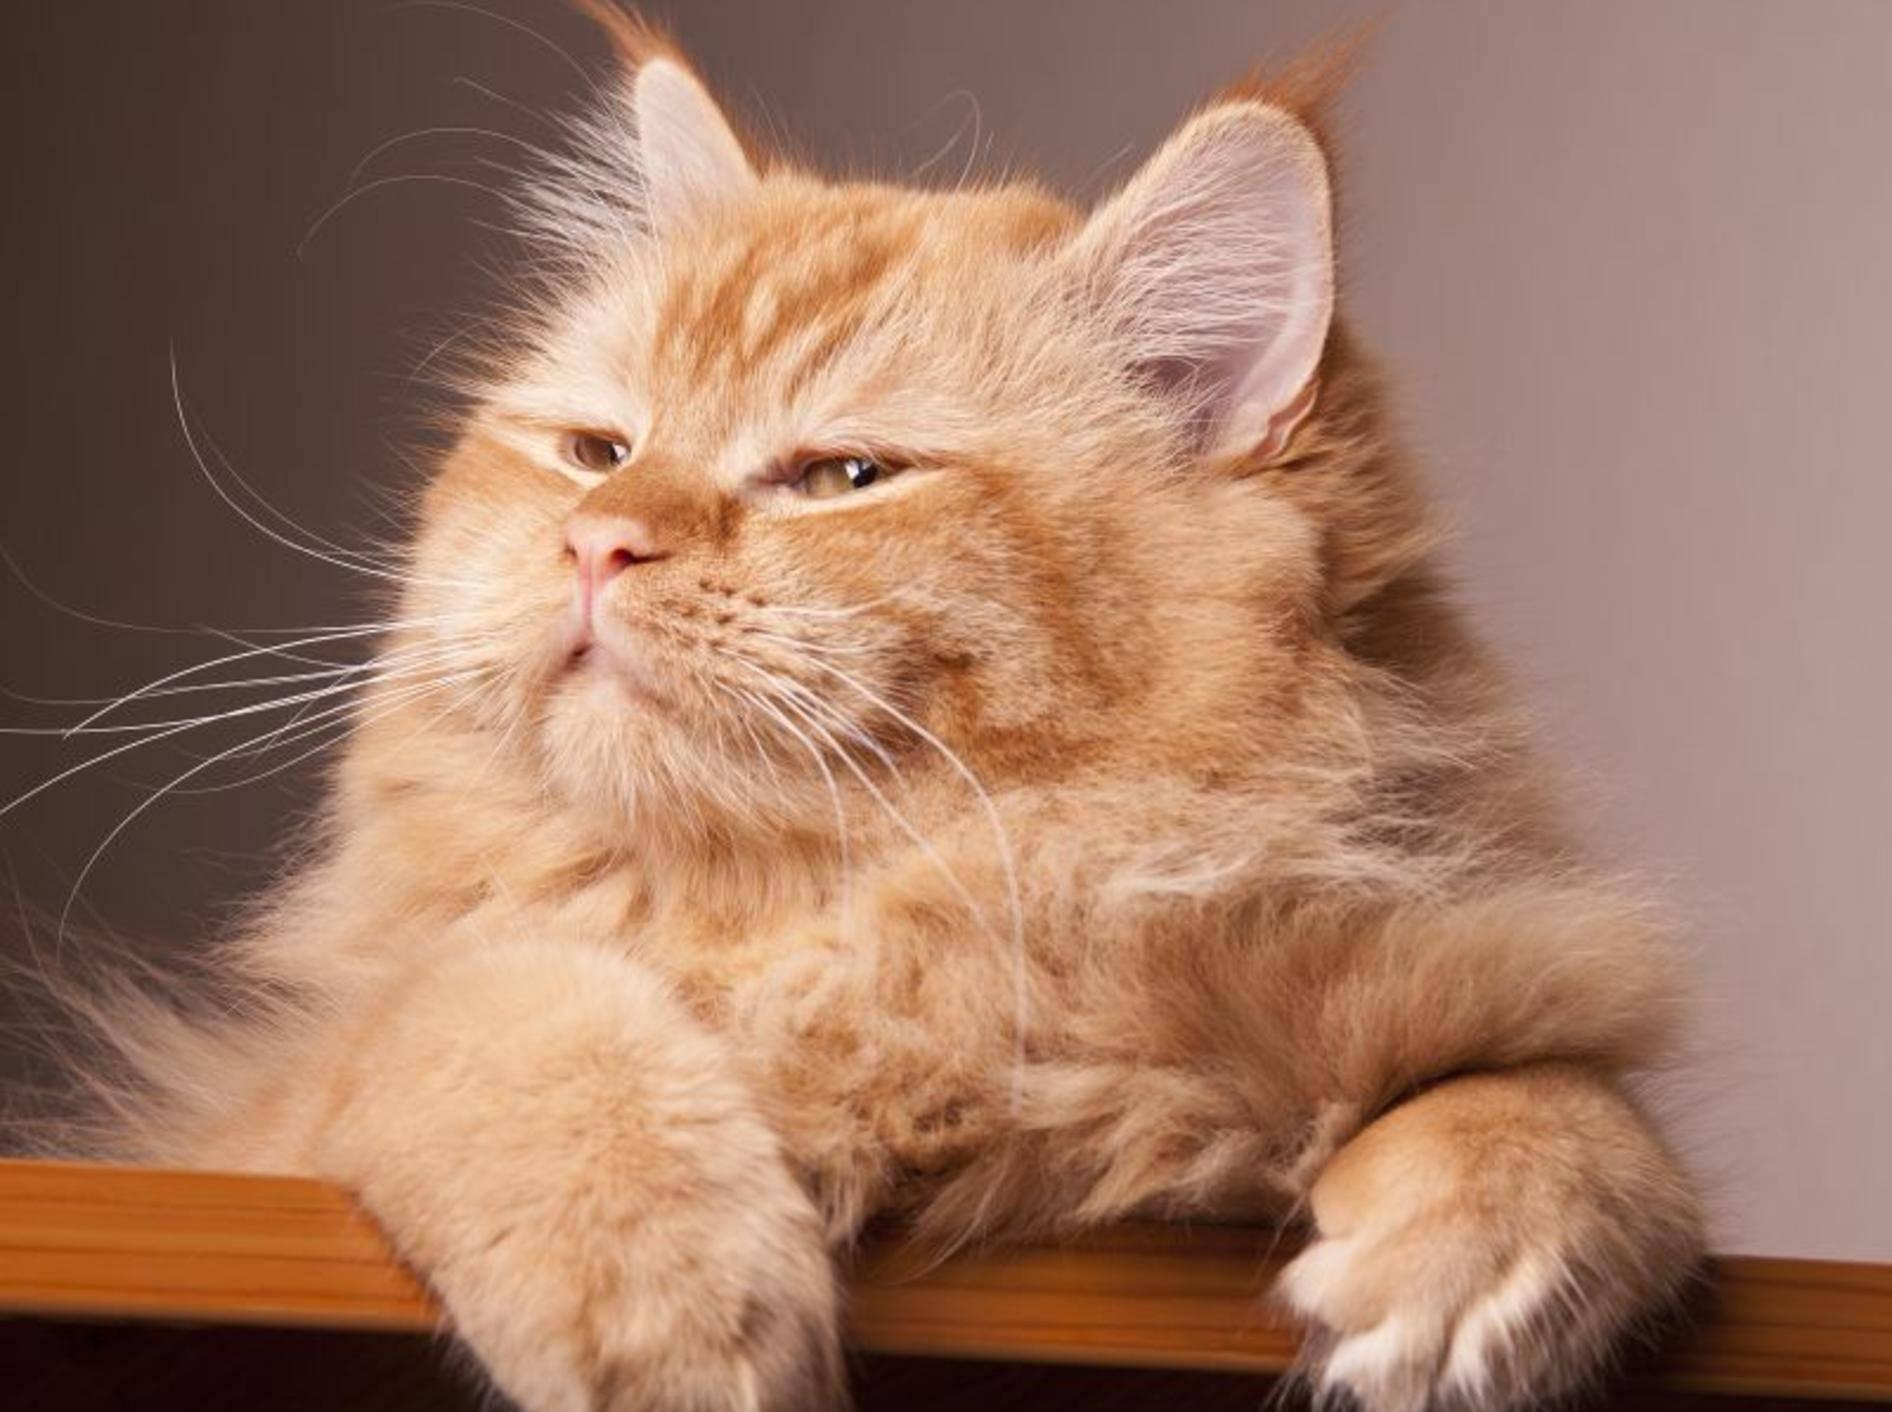 Futterautomaten für Katzen: Diese Modelle gibt es — Bild: Shutterstock / fotomanX